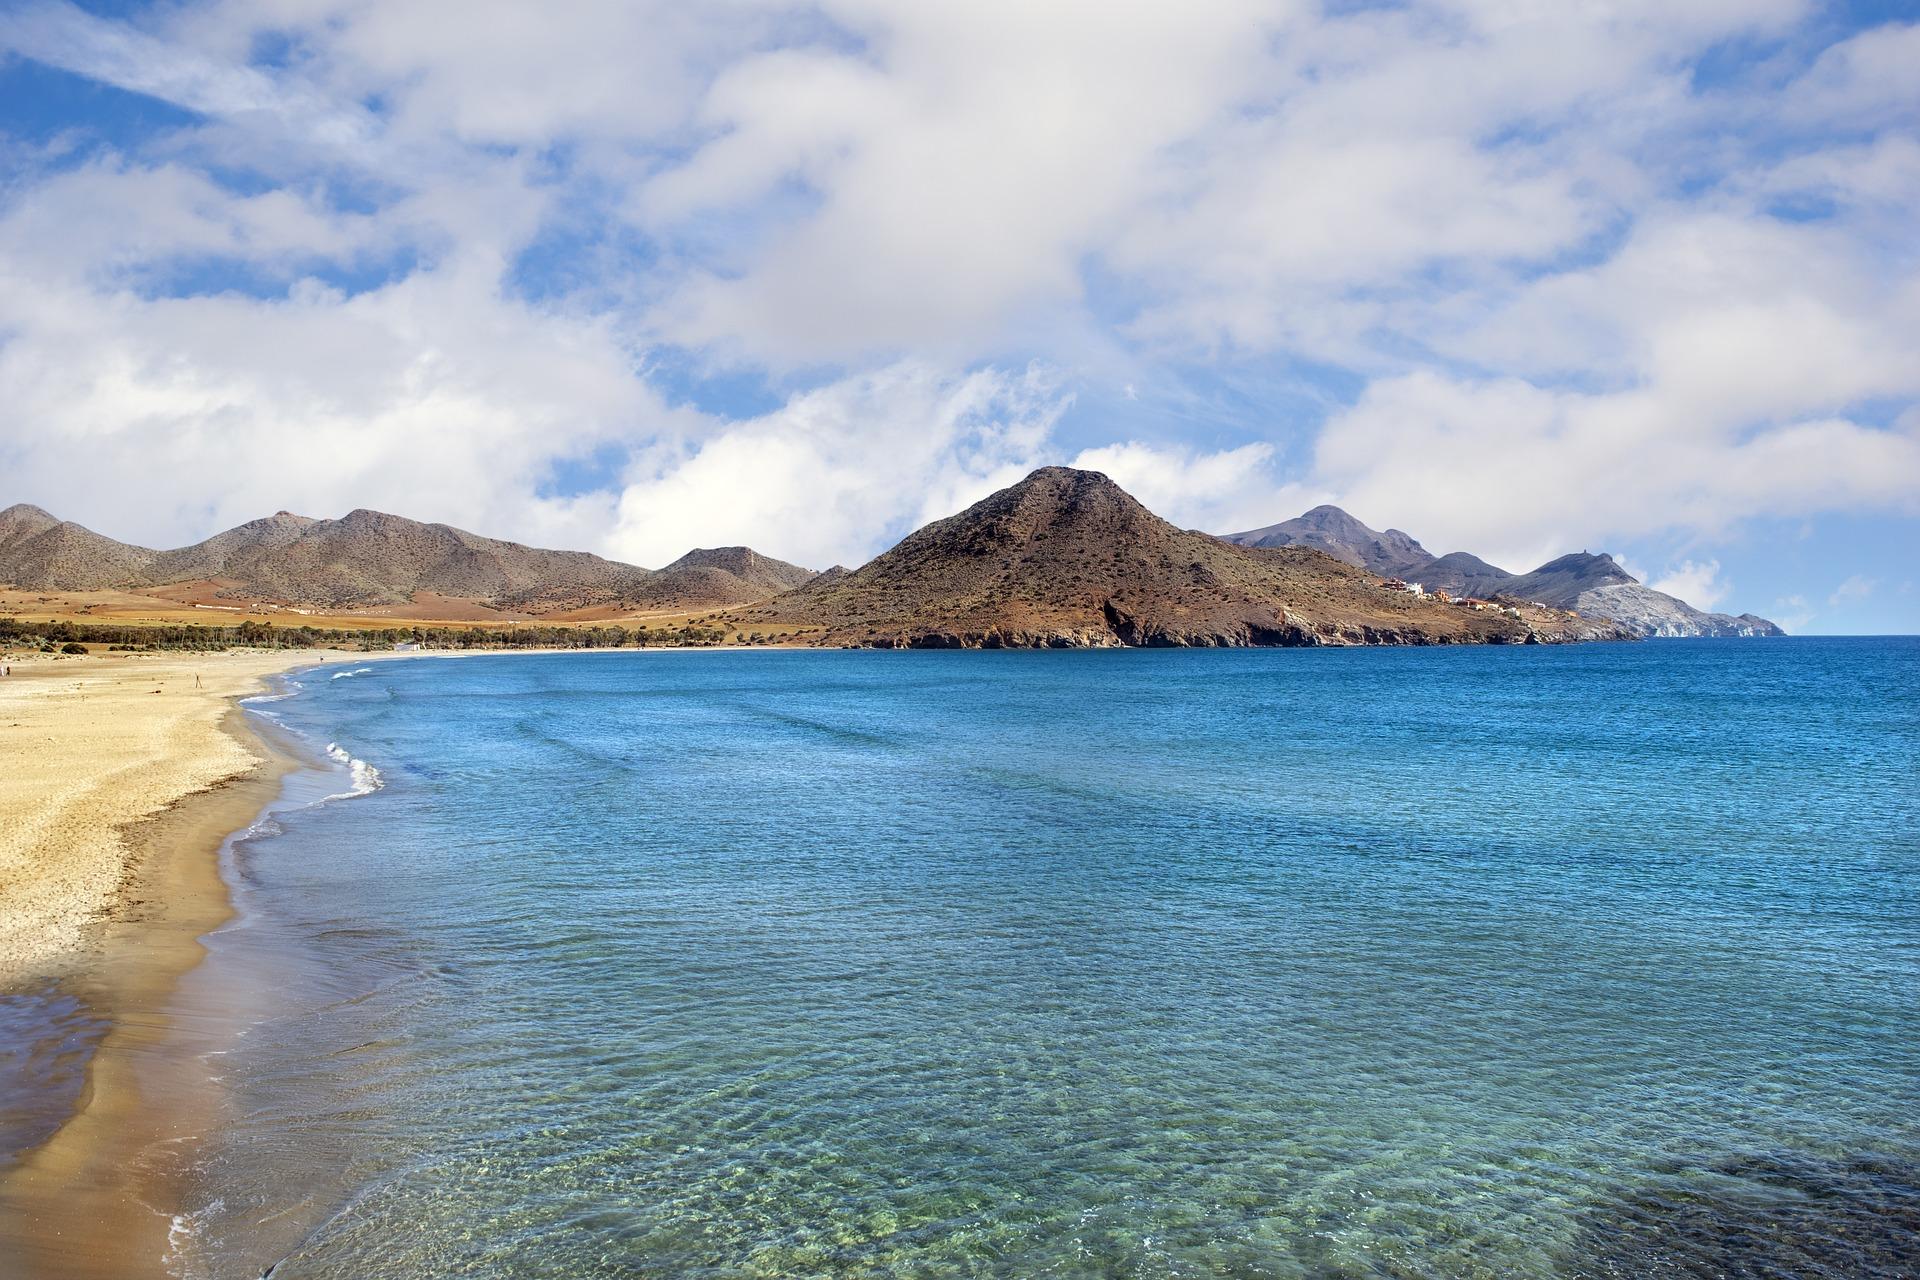 cabo-de-gata-beach-and-mountains--pixabay-4076093_1920.jpg